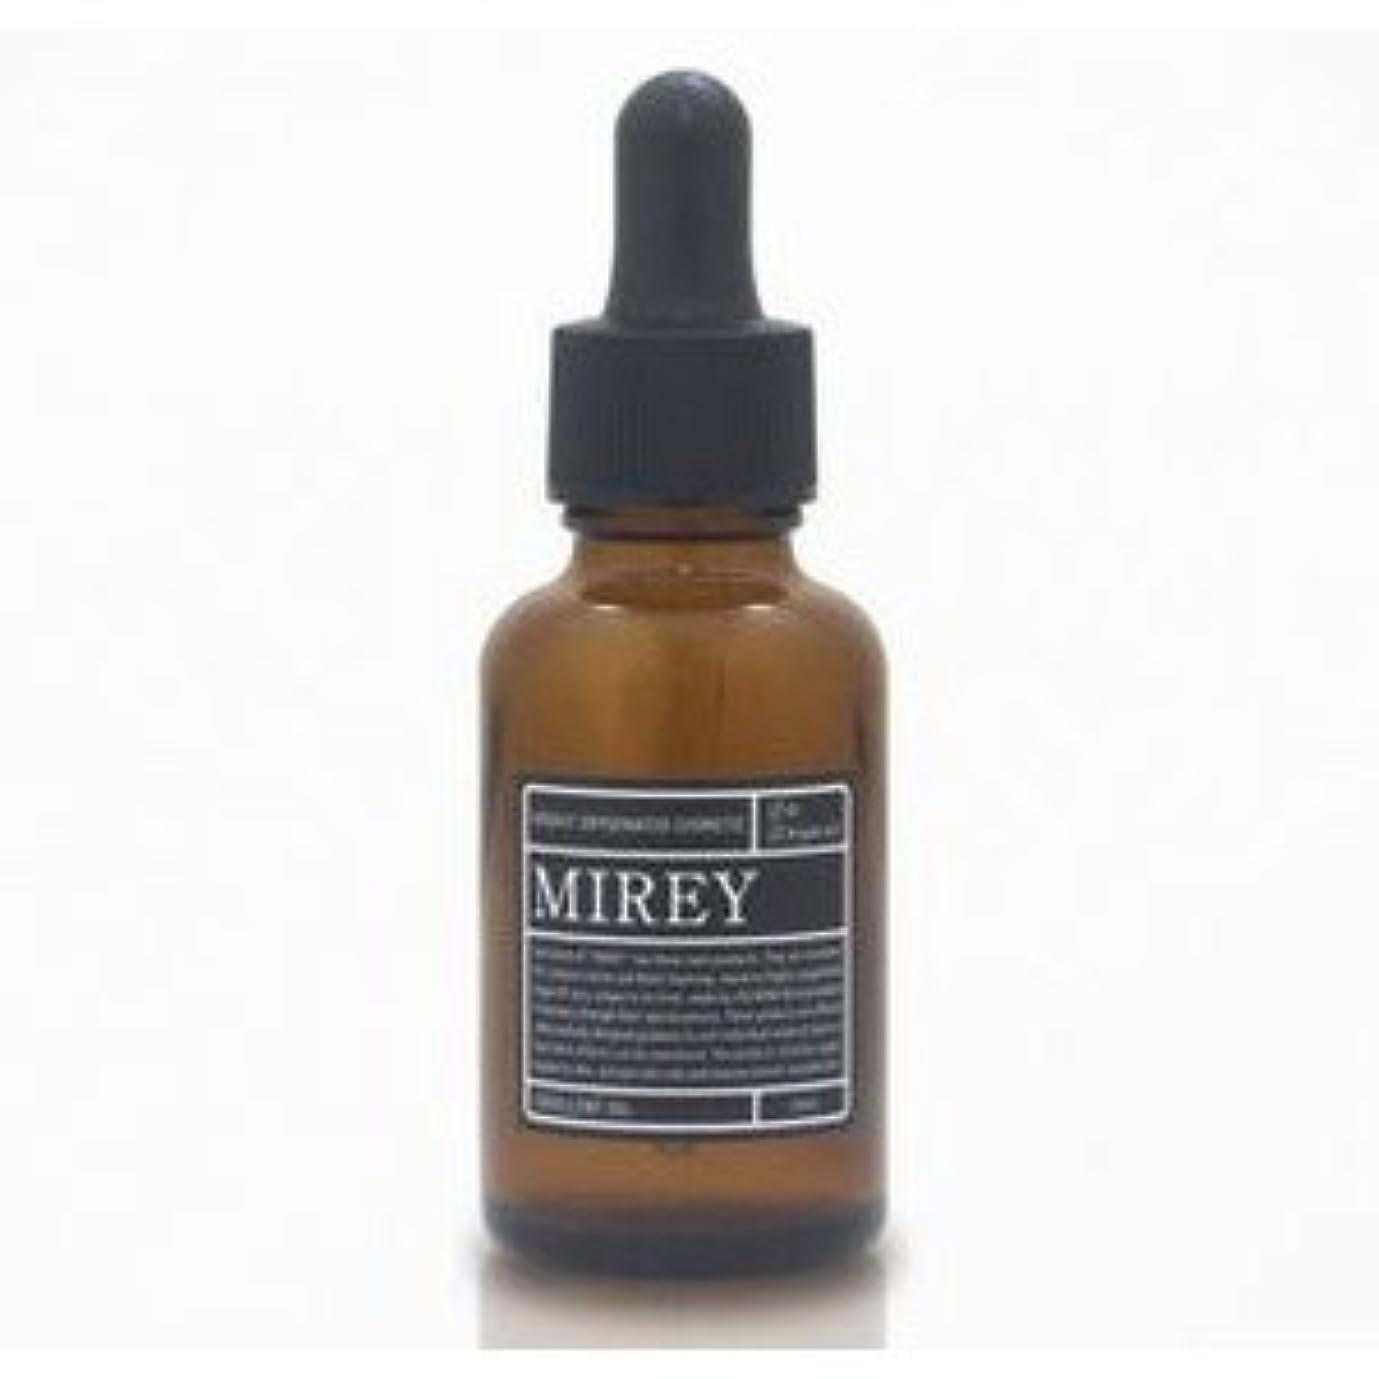 再生ハチ娘MIREY ミレイ エクセレントオイル 20ml